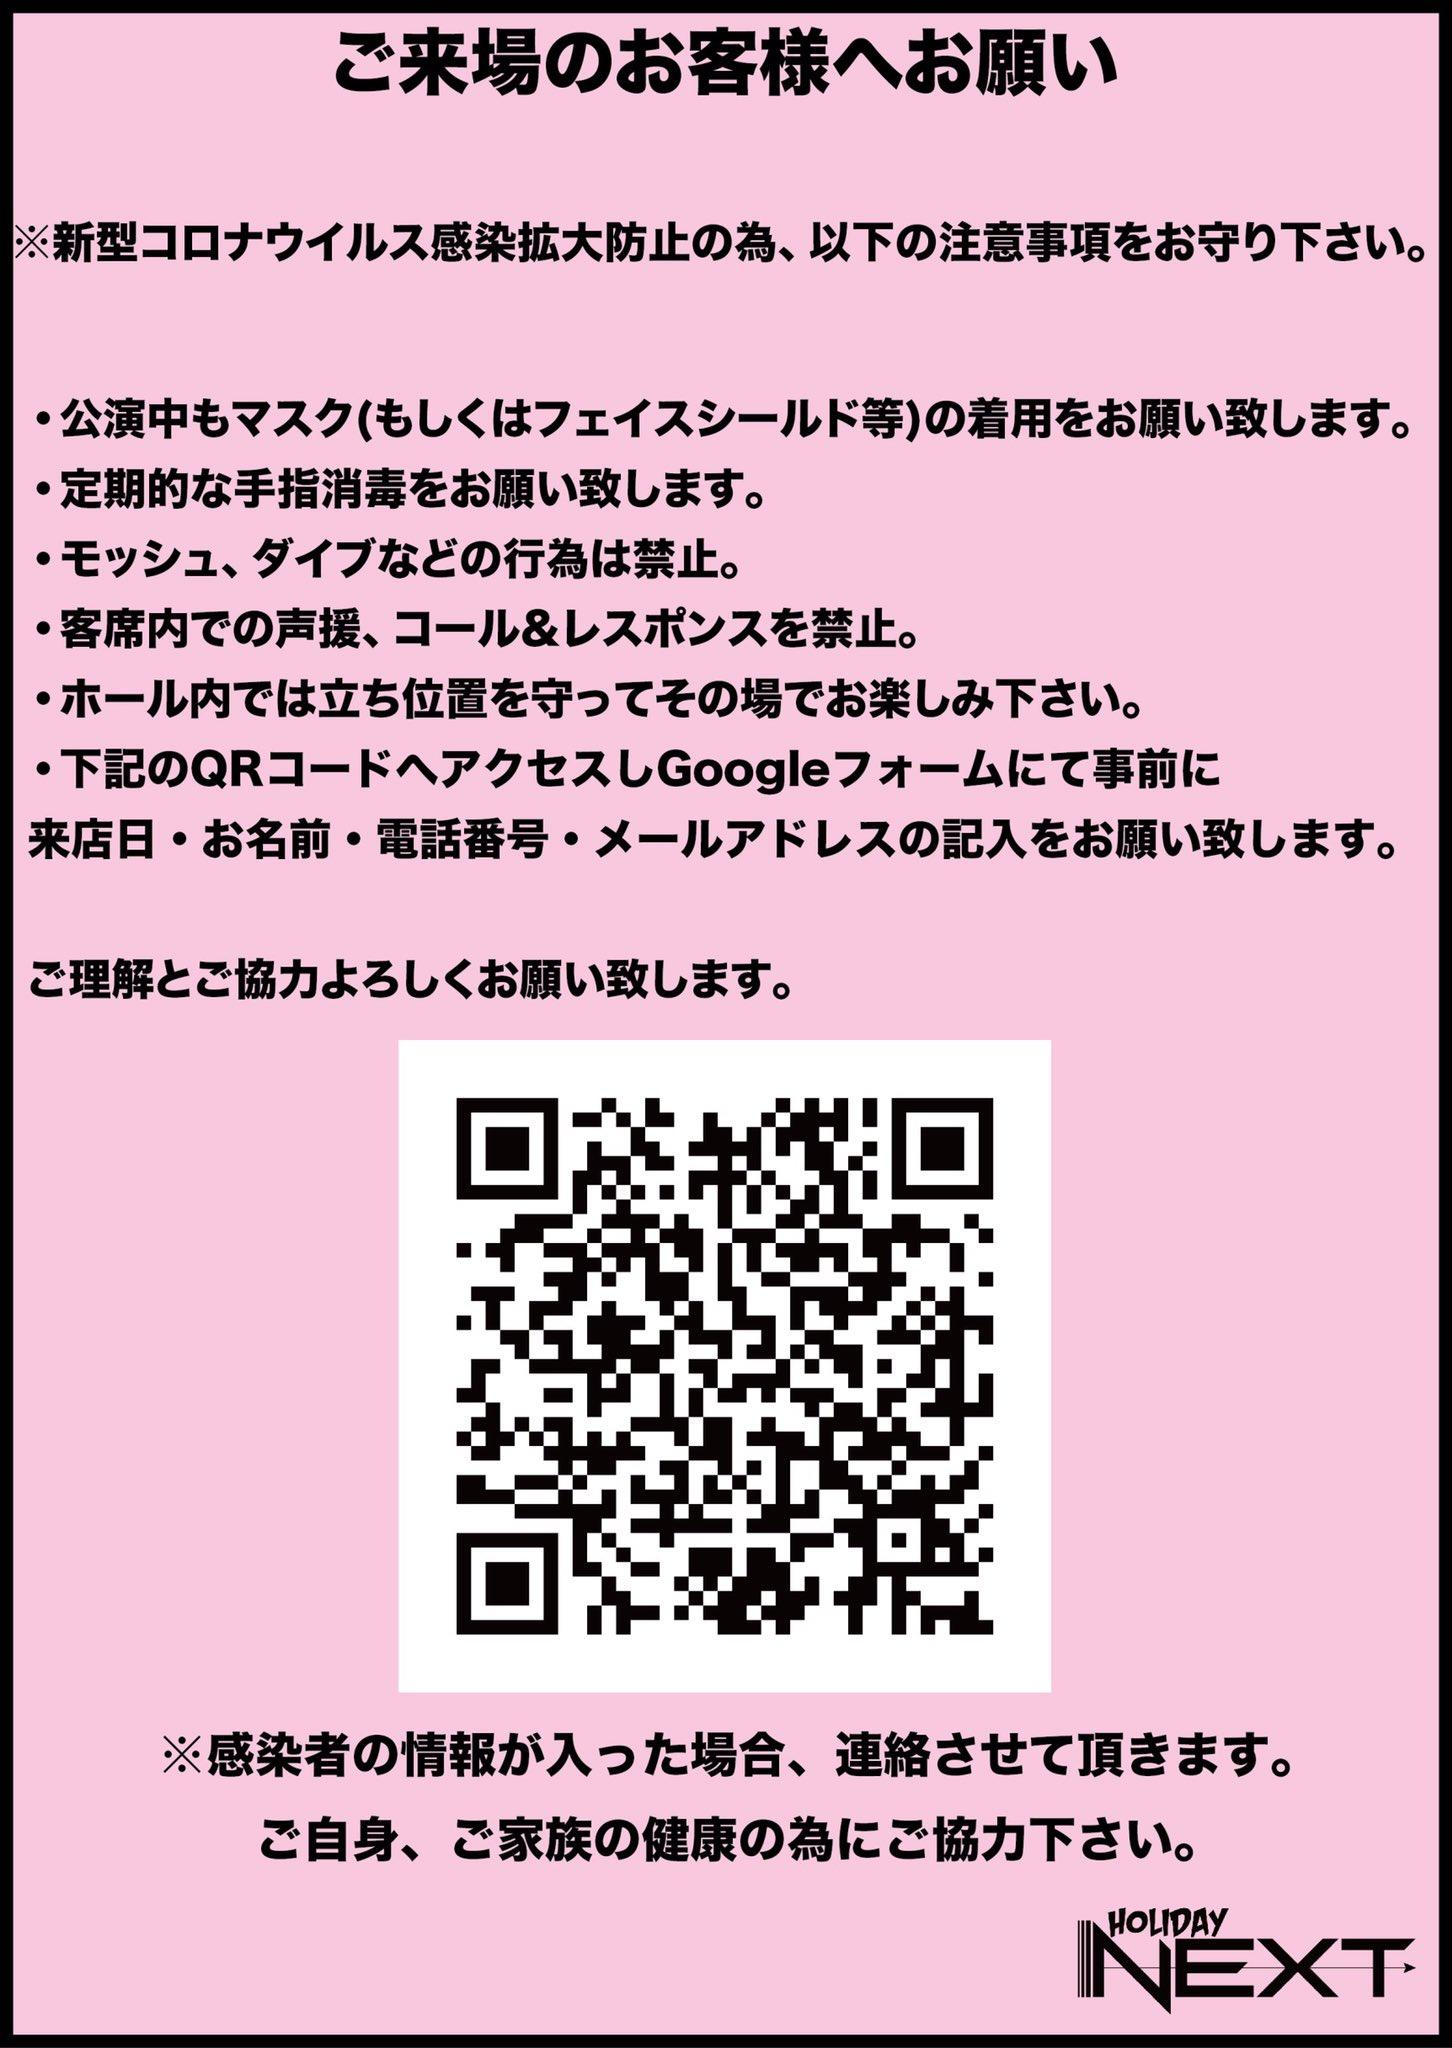 名古屋●HOLIDAY NEXT(ワンマン)